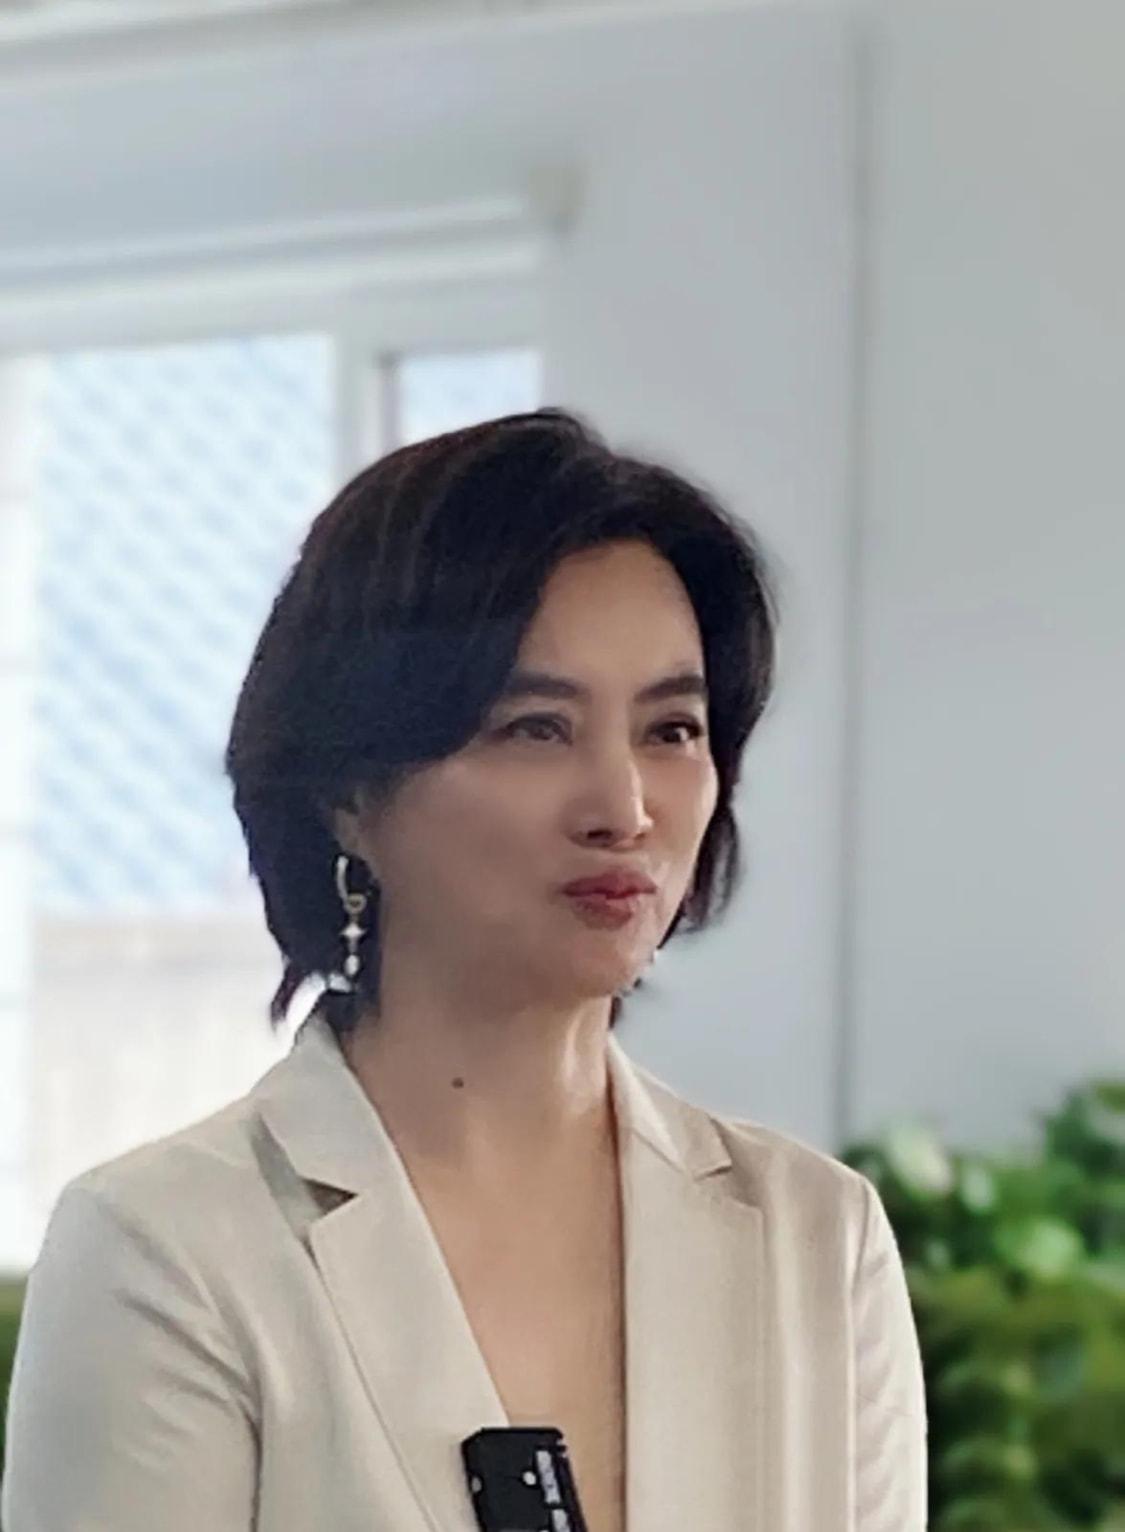 李玲玉就是比普通人穿的漂亮,脸上皱纹一样不少,装少女不假吗?